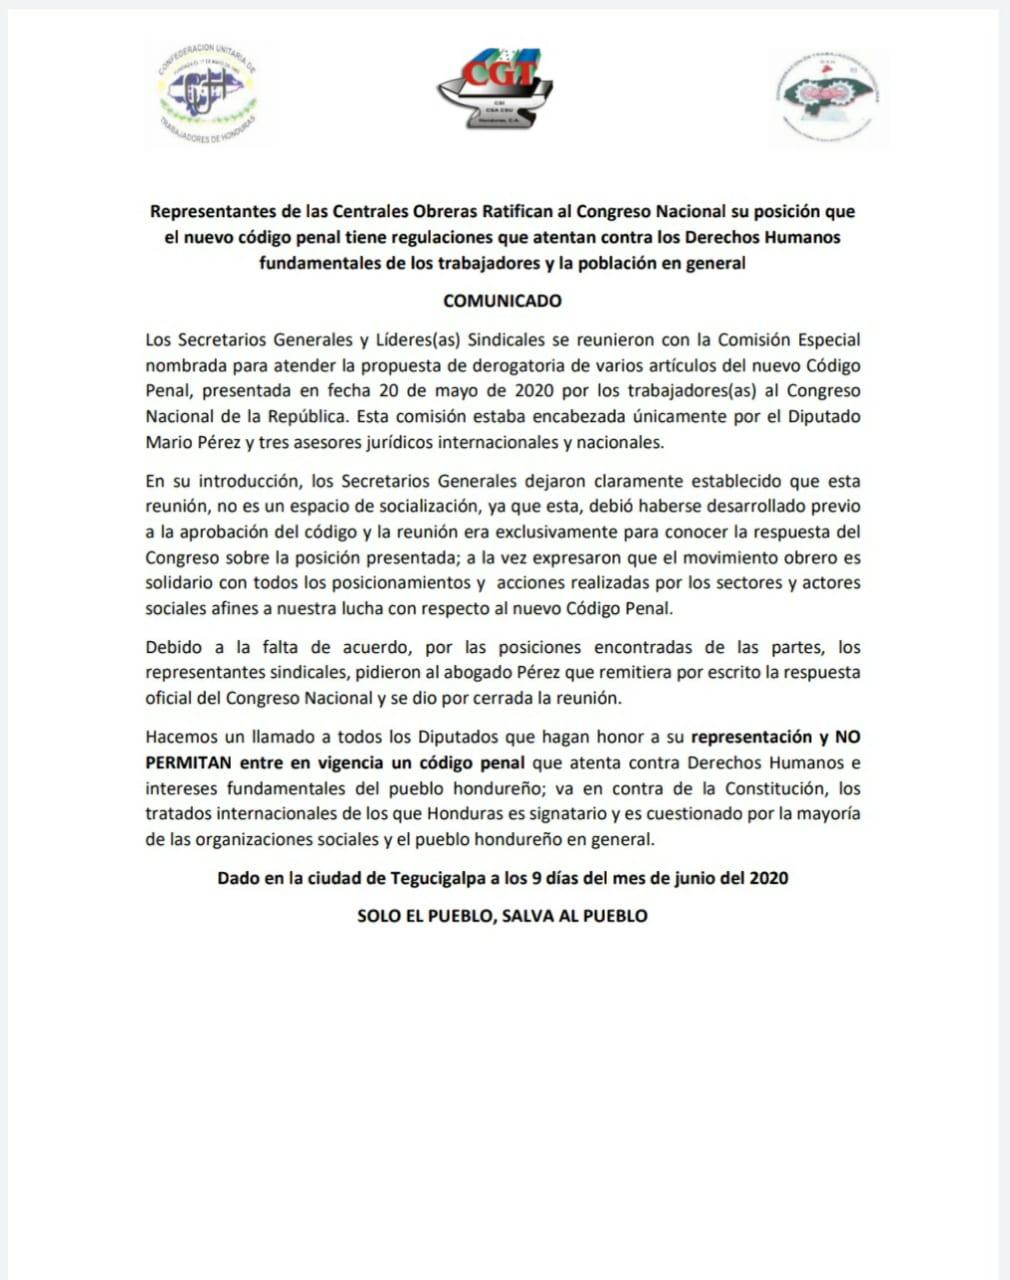 Centrales Obreras de Honduras le ratifican al Congreso Nacional su fuerte postura frente al nuevo código penal*